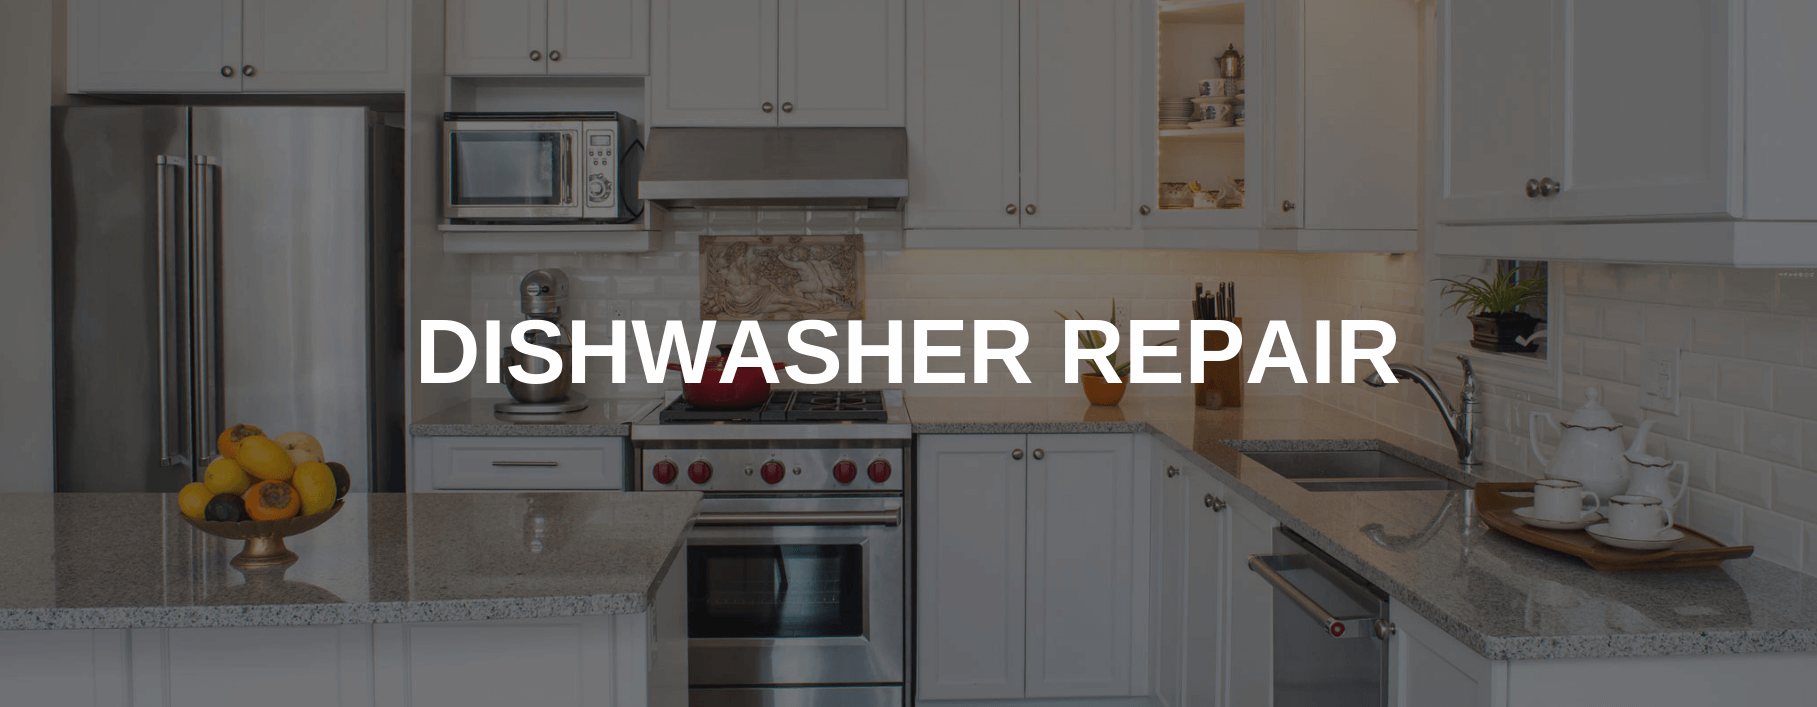 dishwasher repair ford lauderdale